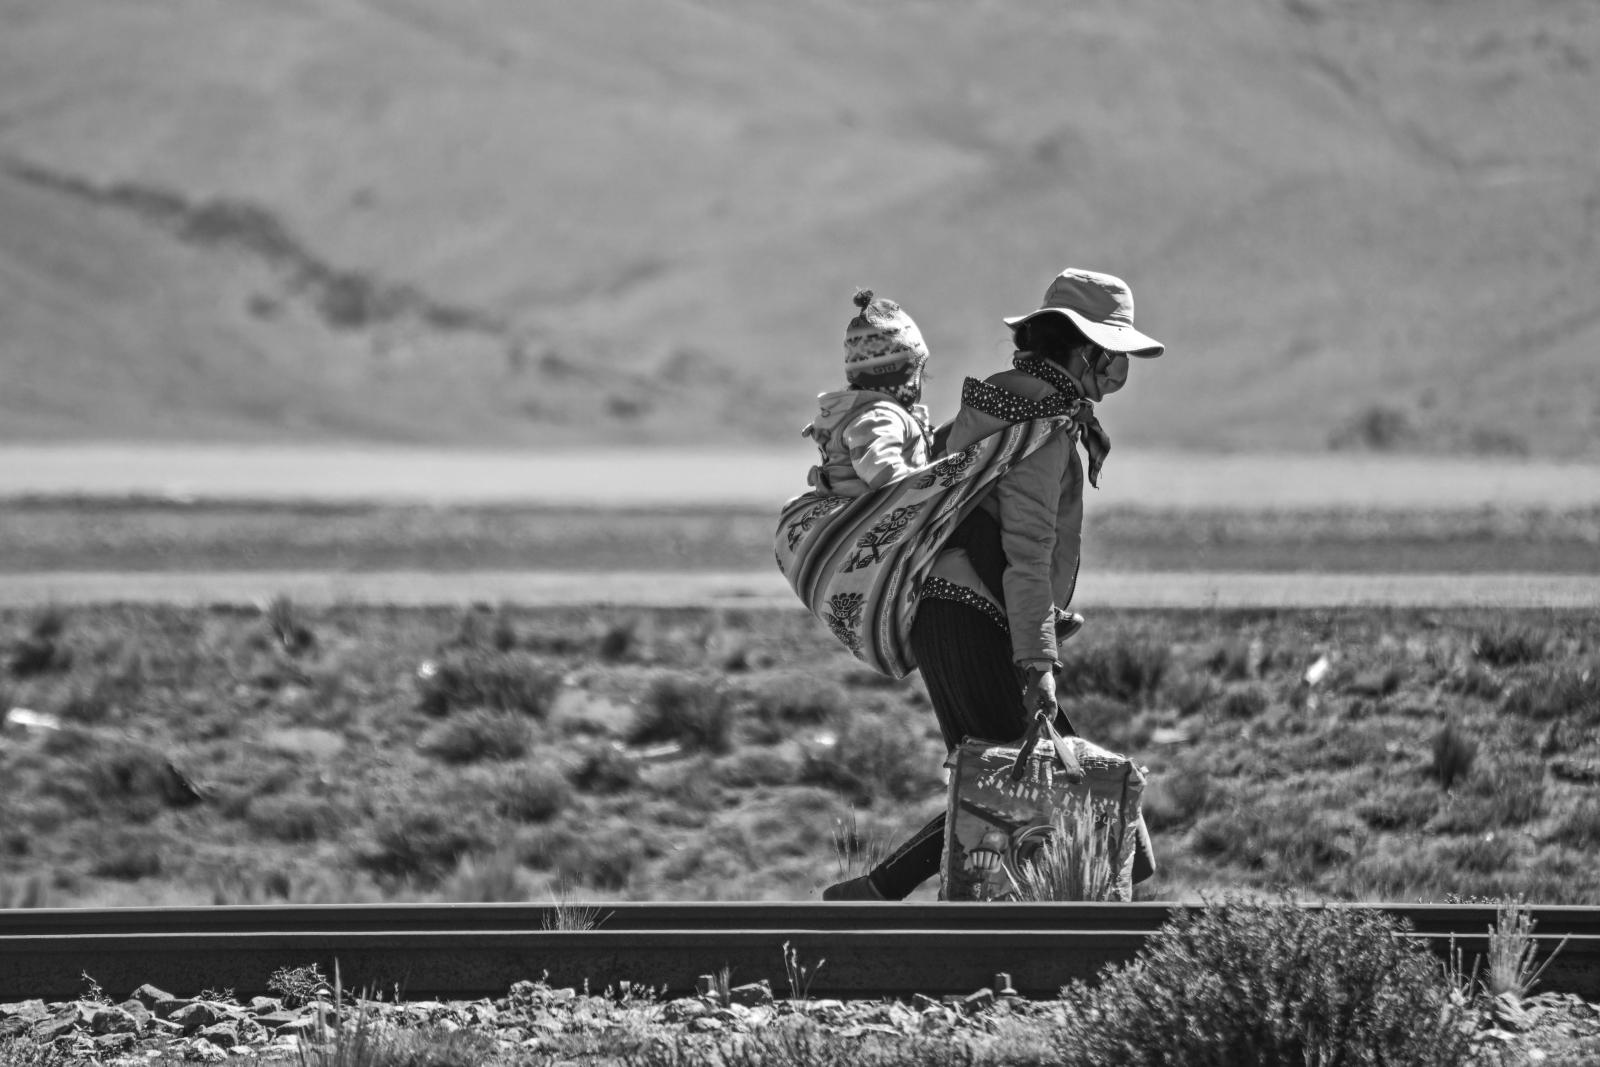 La dura travesía de los más pobres: pandemia y desempleo expulsan a miles  de migrantes | Ojo Público